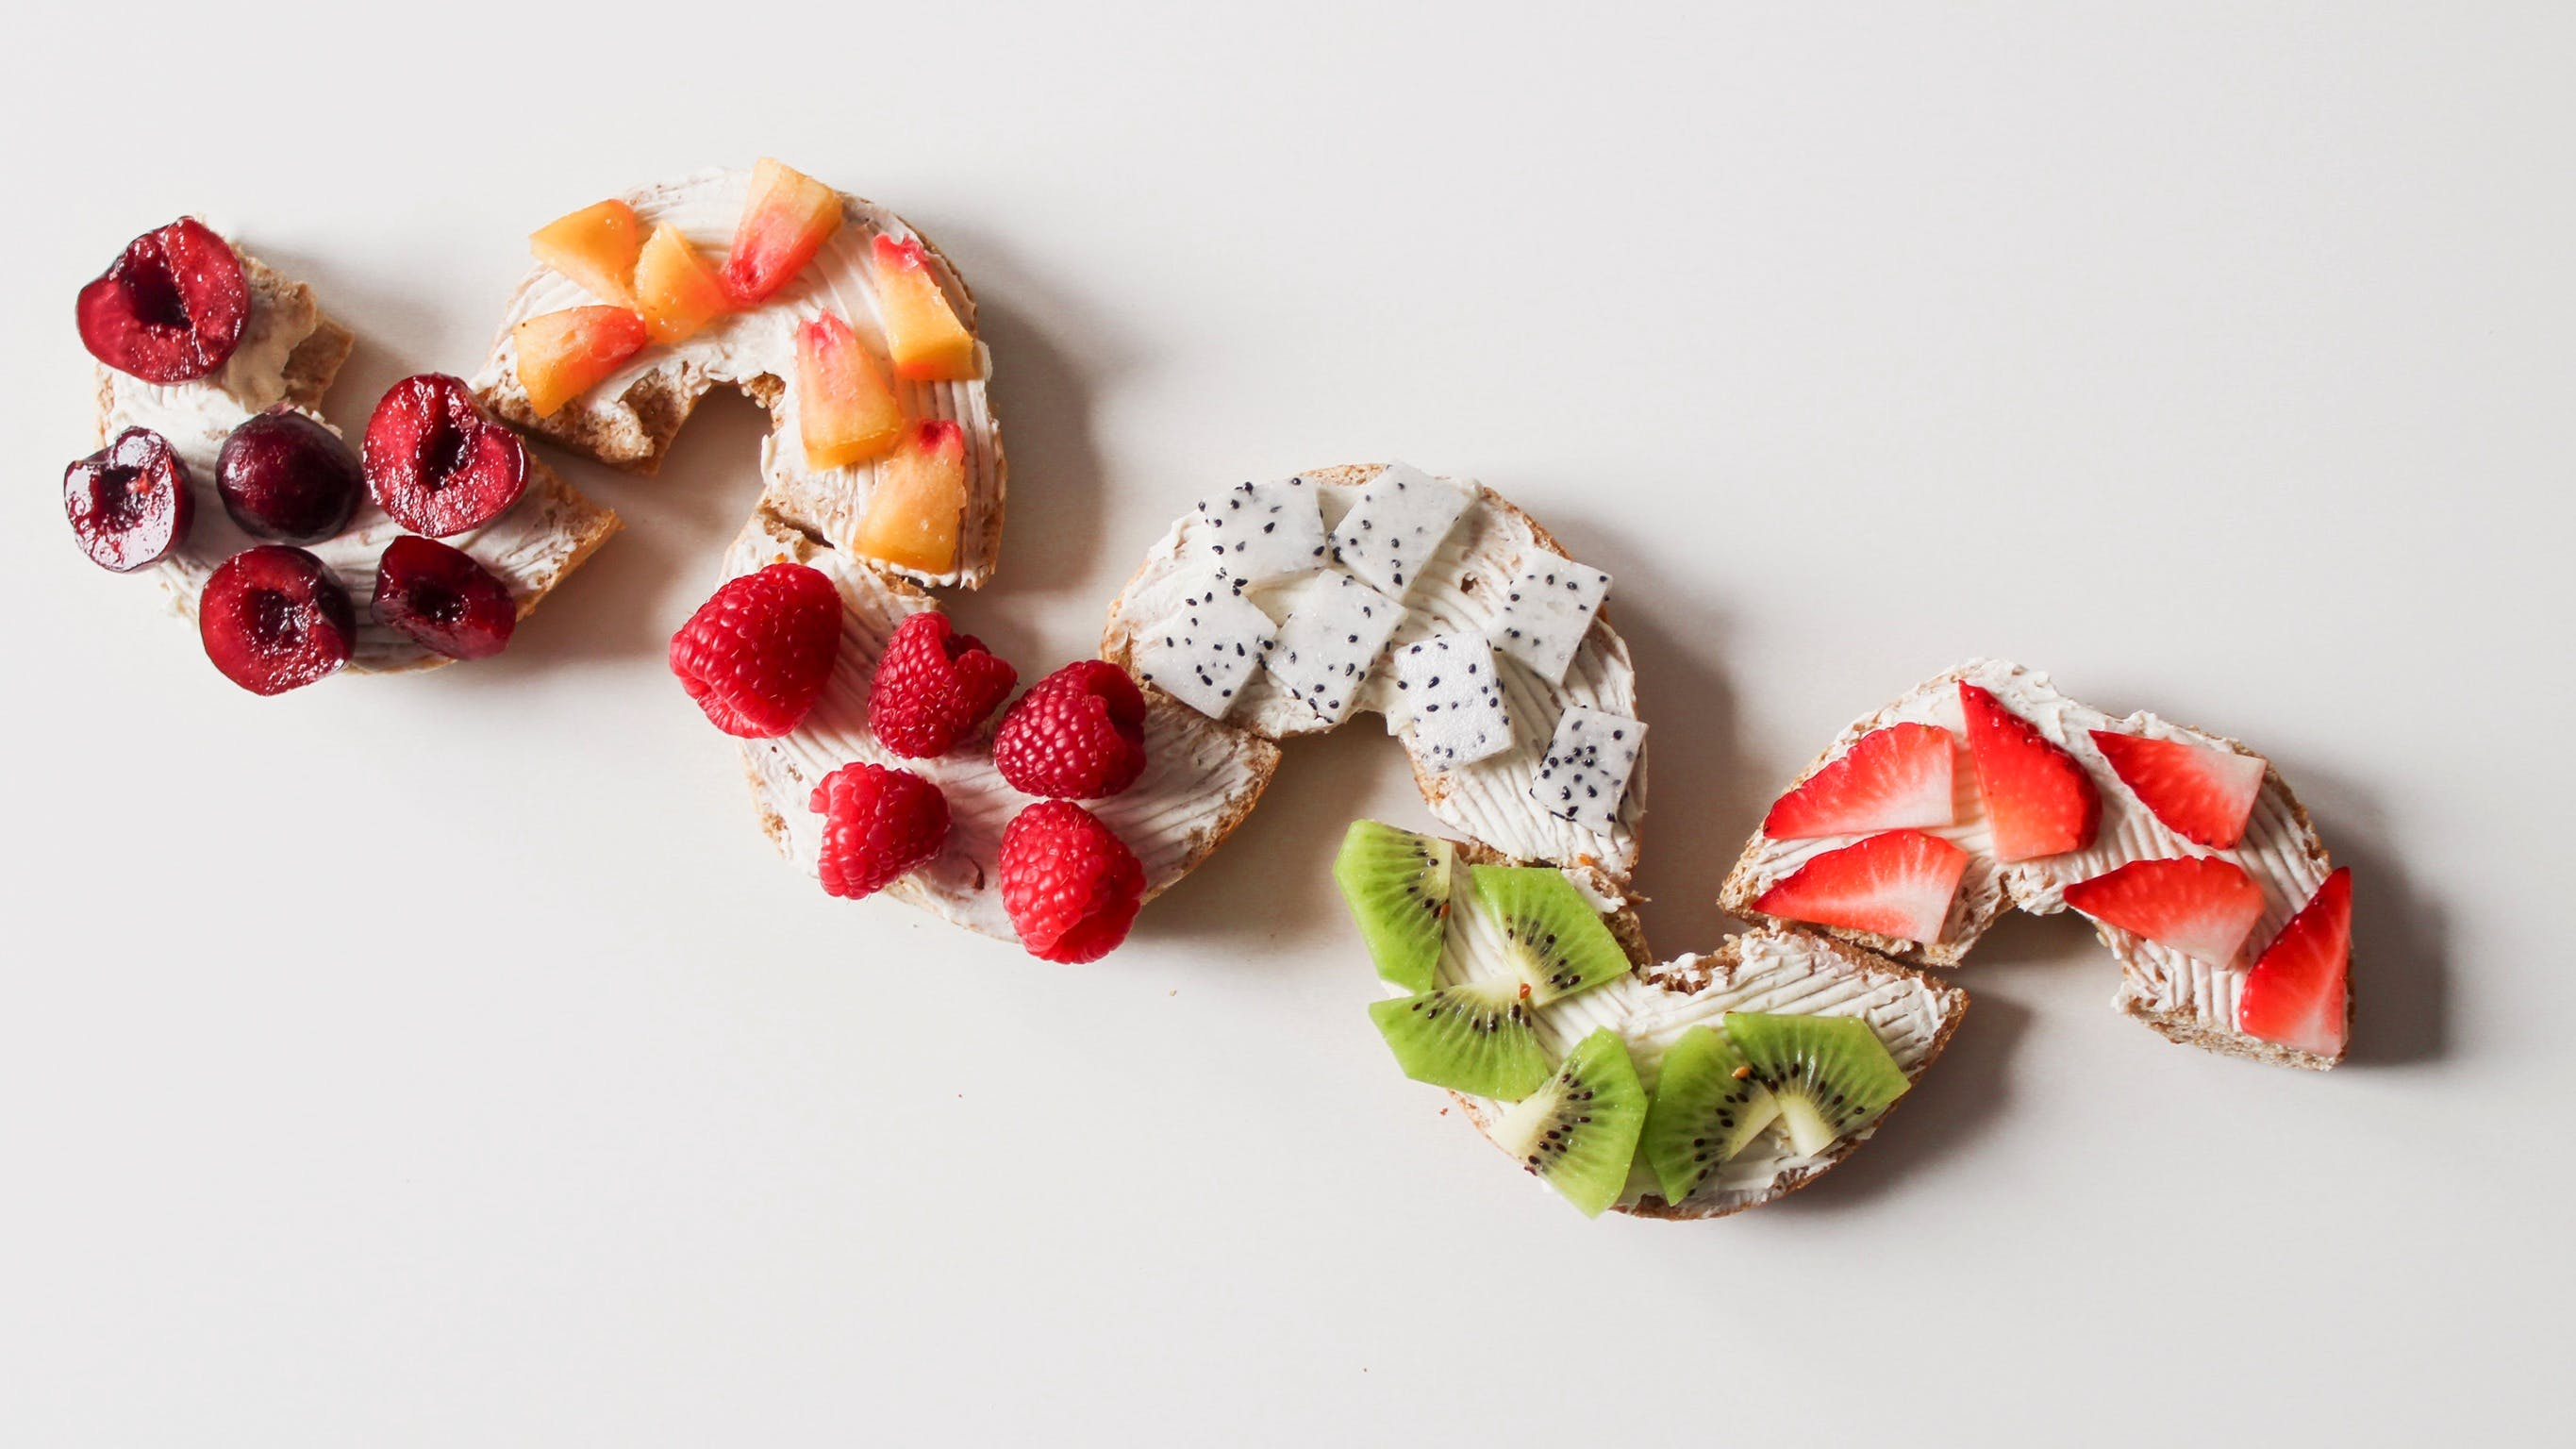 Foto d'estoc gratuïta de baies, deliciós, fotografia d'aliments, fruites